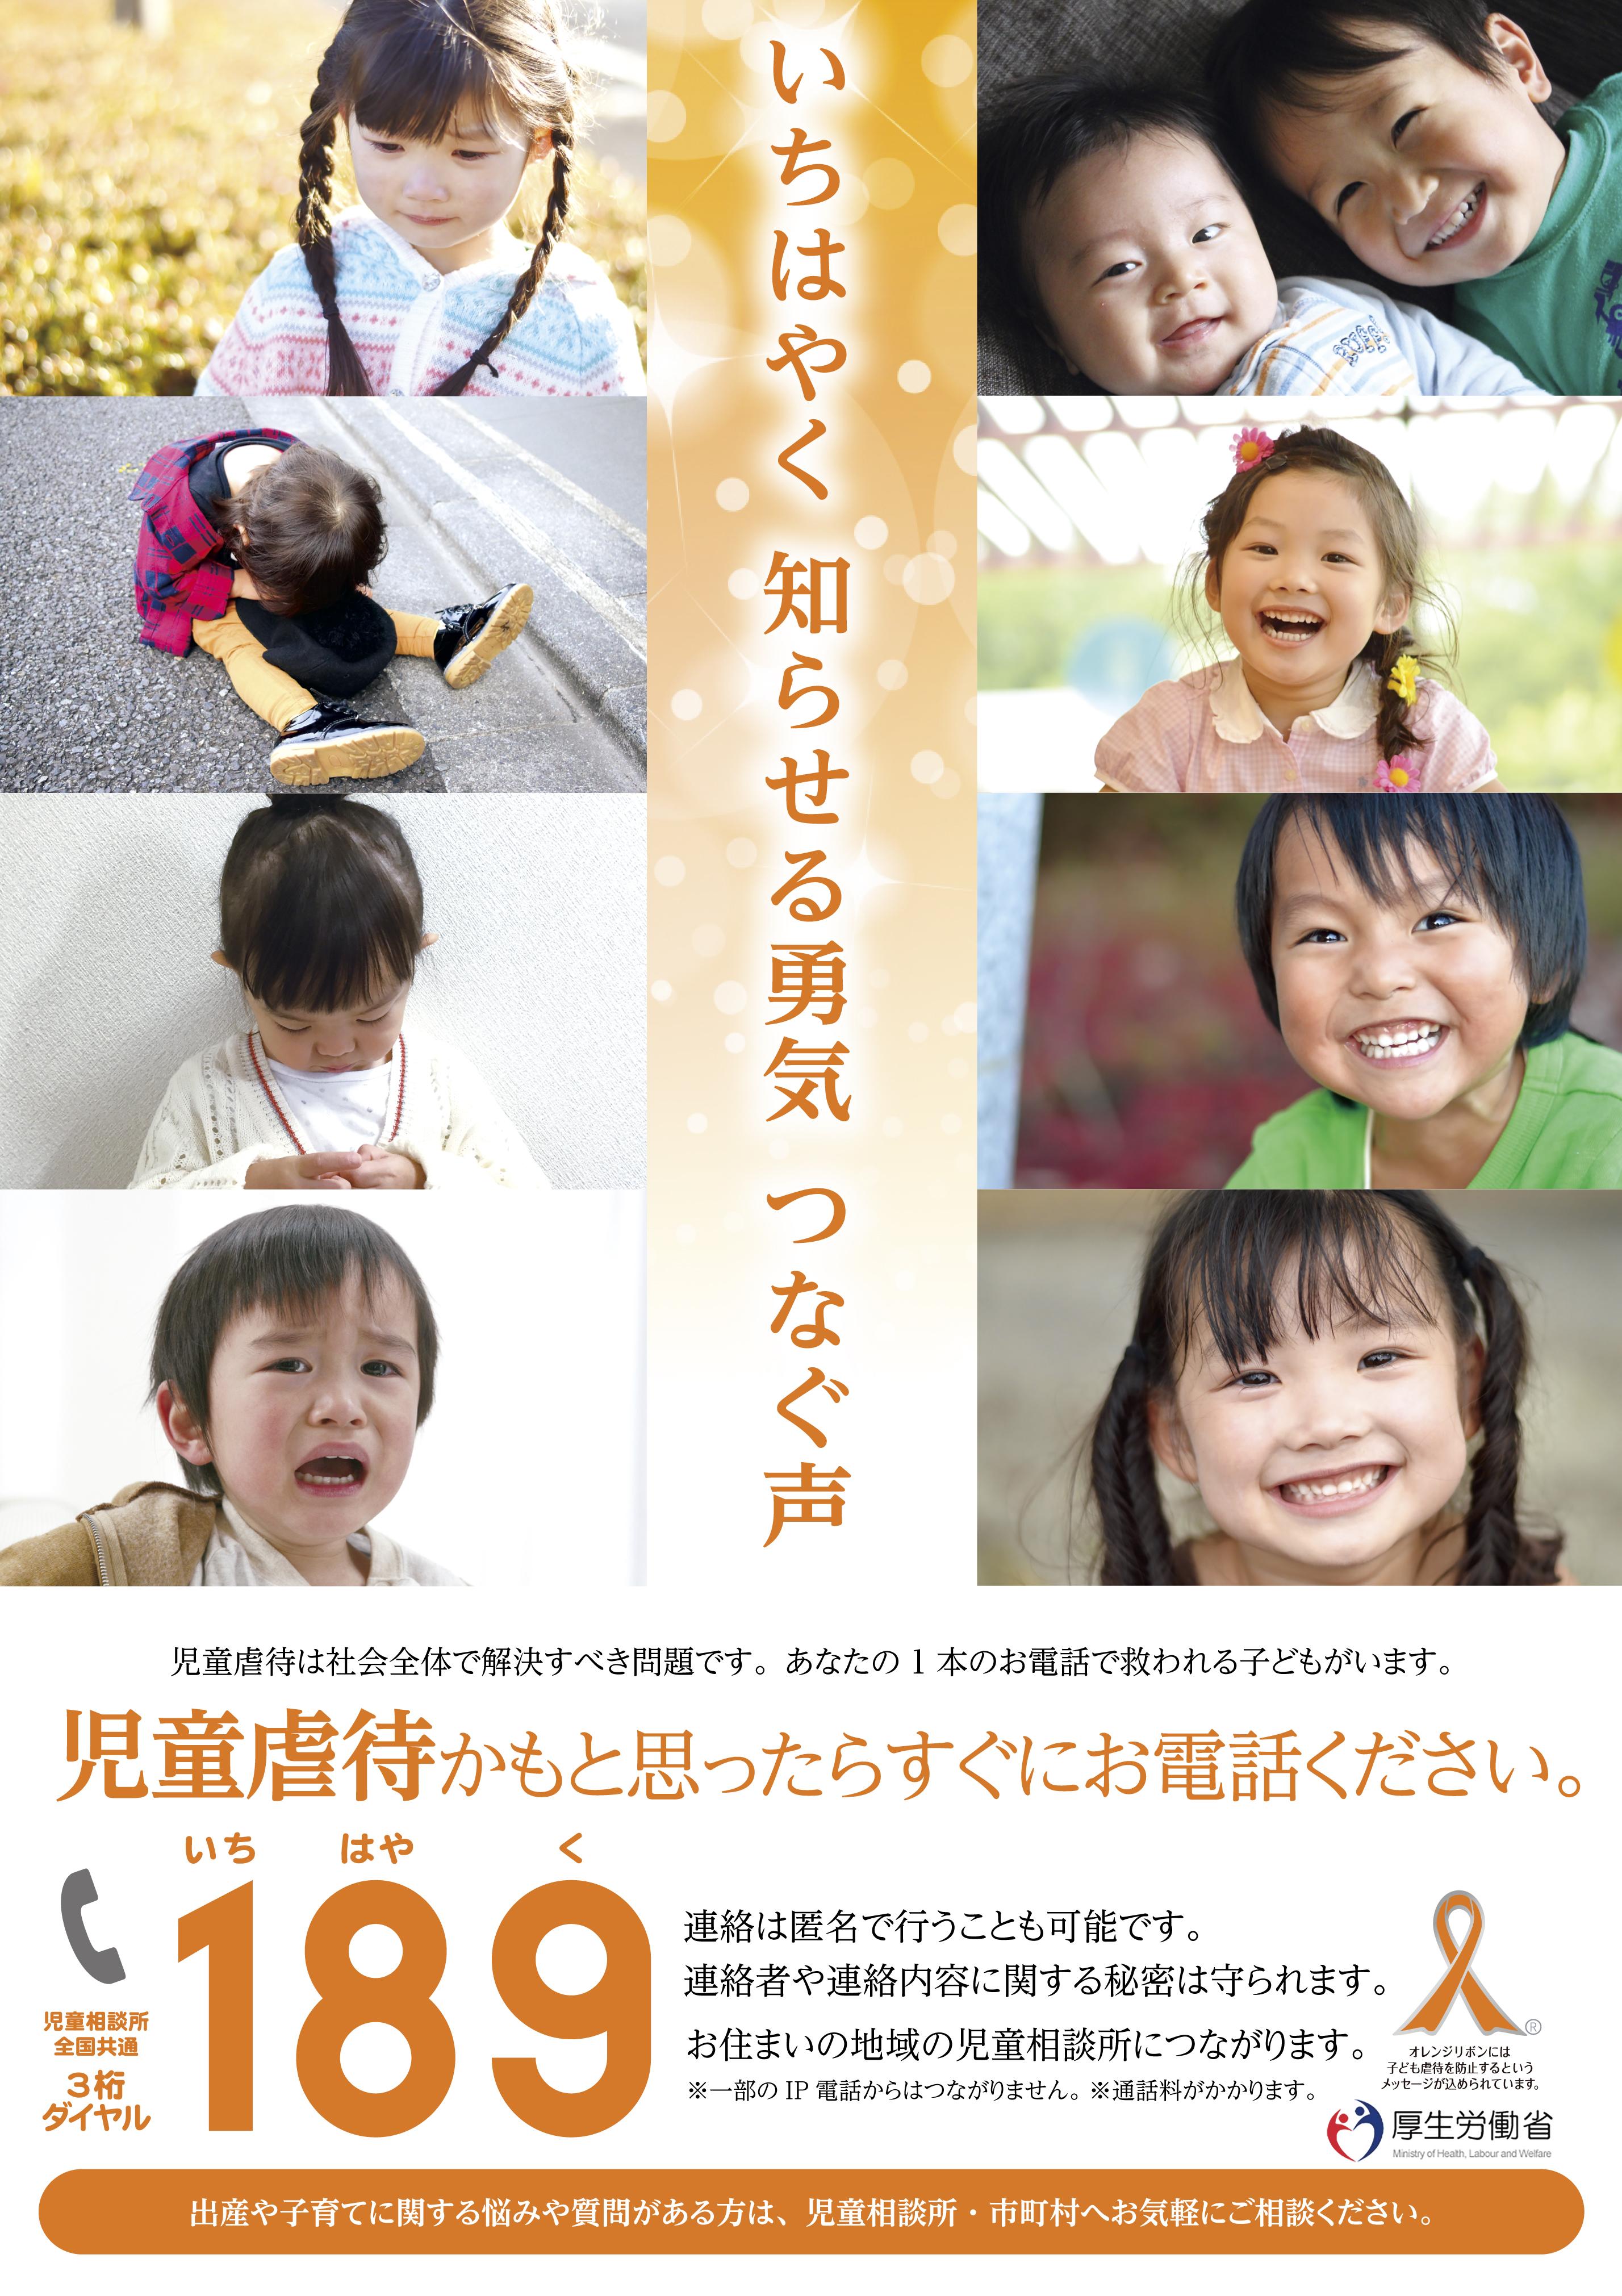 『『『『平成29年度虐待防止ポスター』の画像』の画像』の画像』の画像